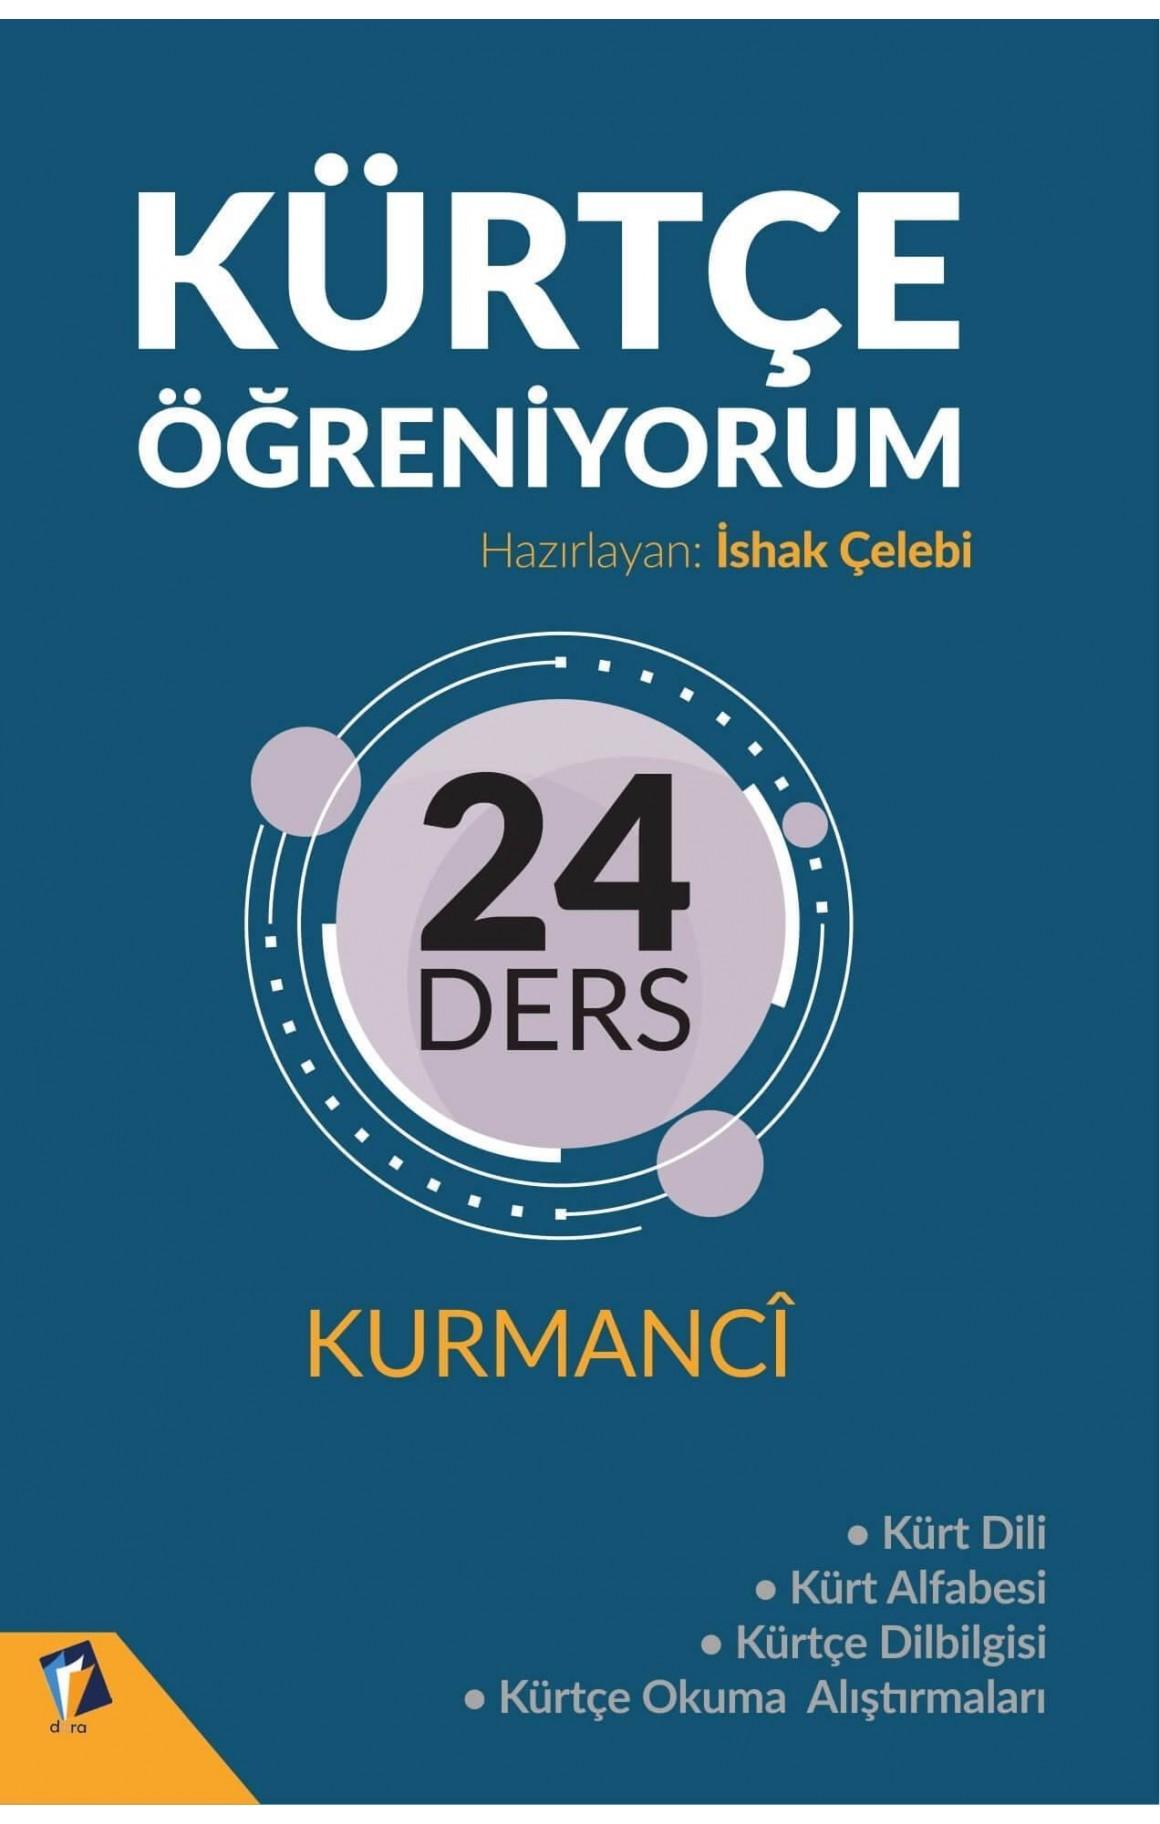 Kürtçe Öğreniyorum - Kurmancî